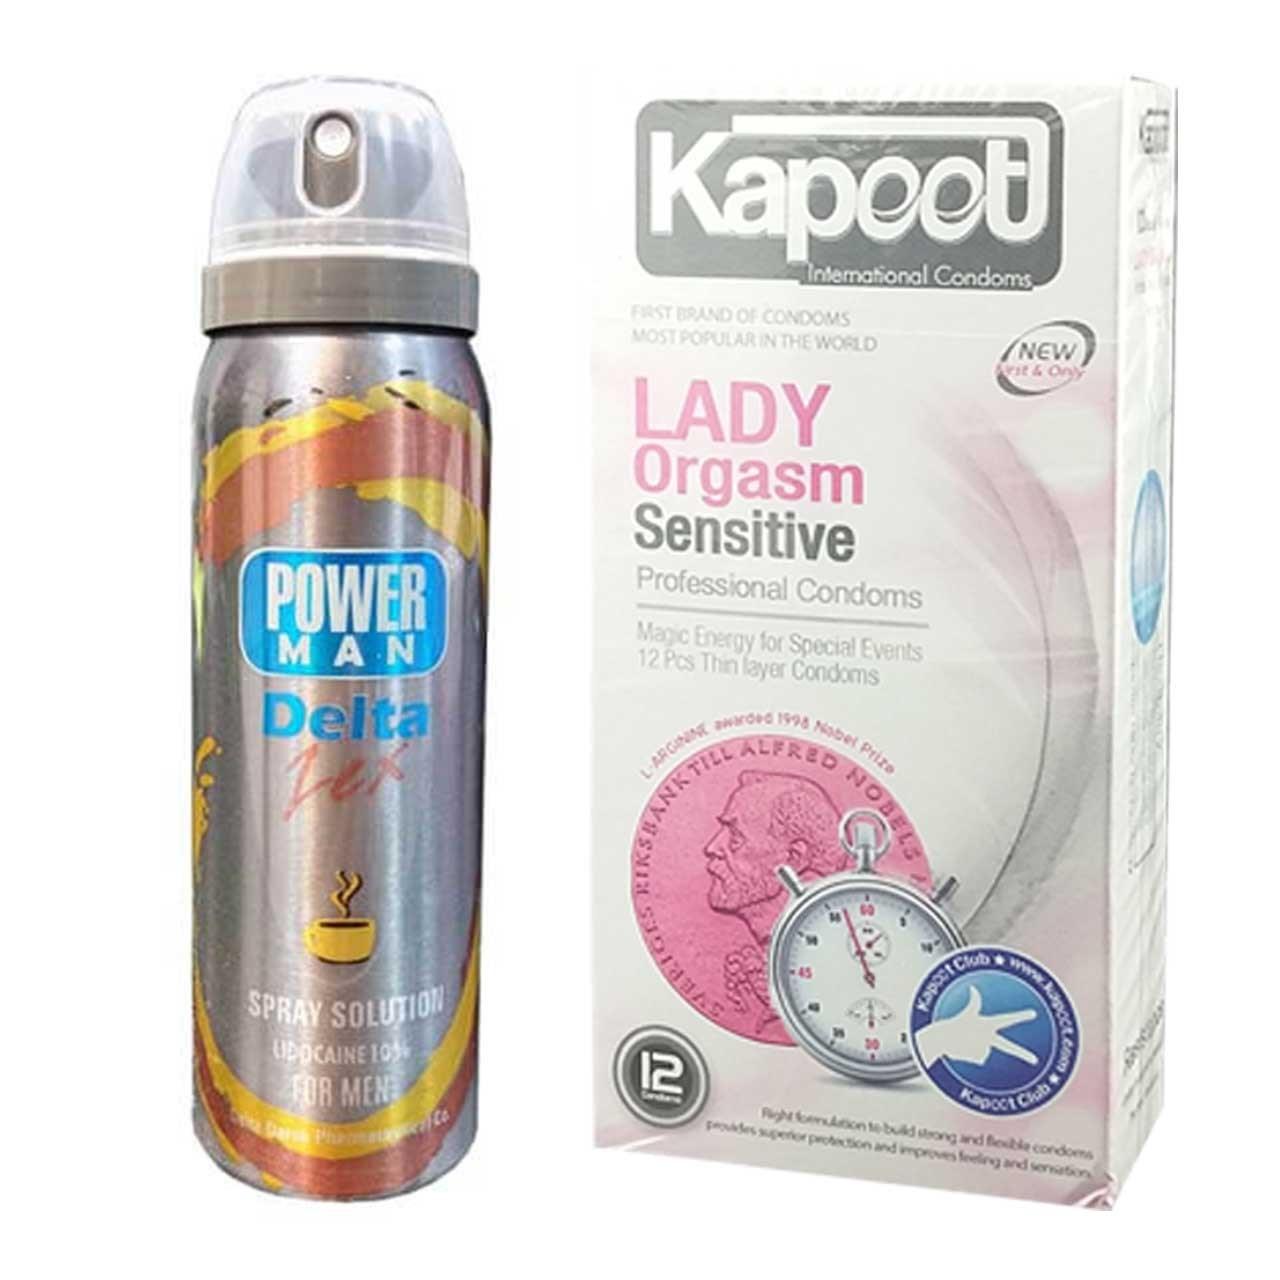 کاندوم کاپوت مدل Lady Orgasm بسته 12 عددی به همراه اسپری دلتا مدل nescafe